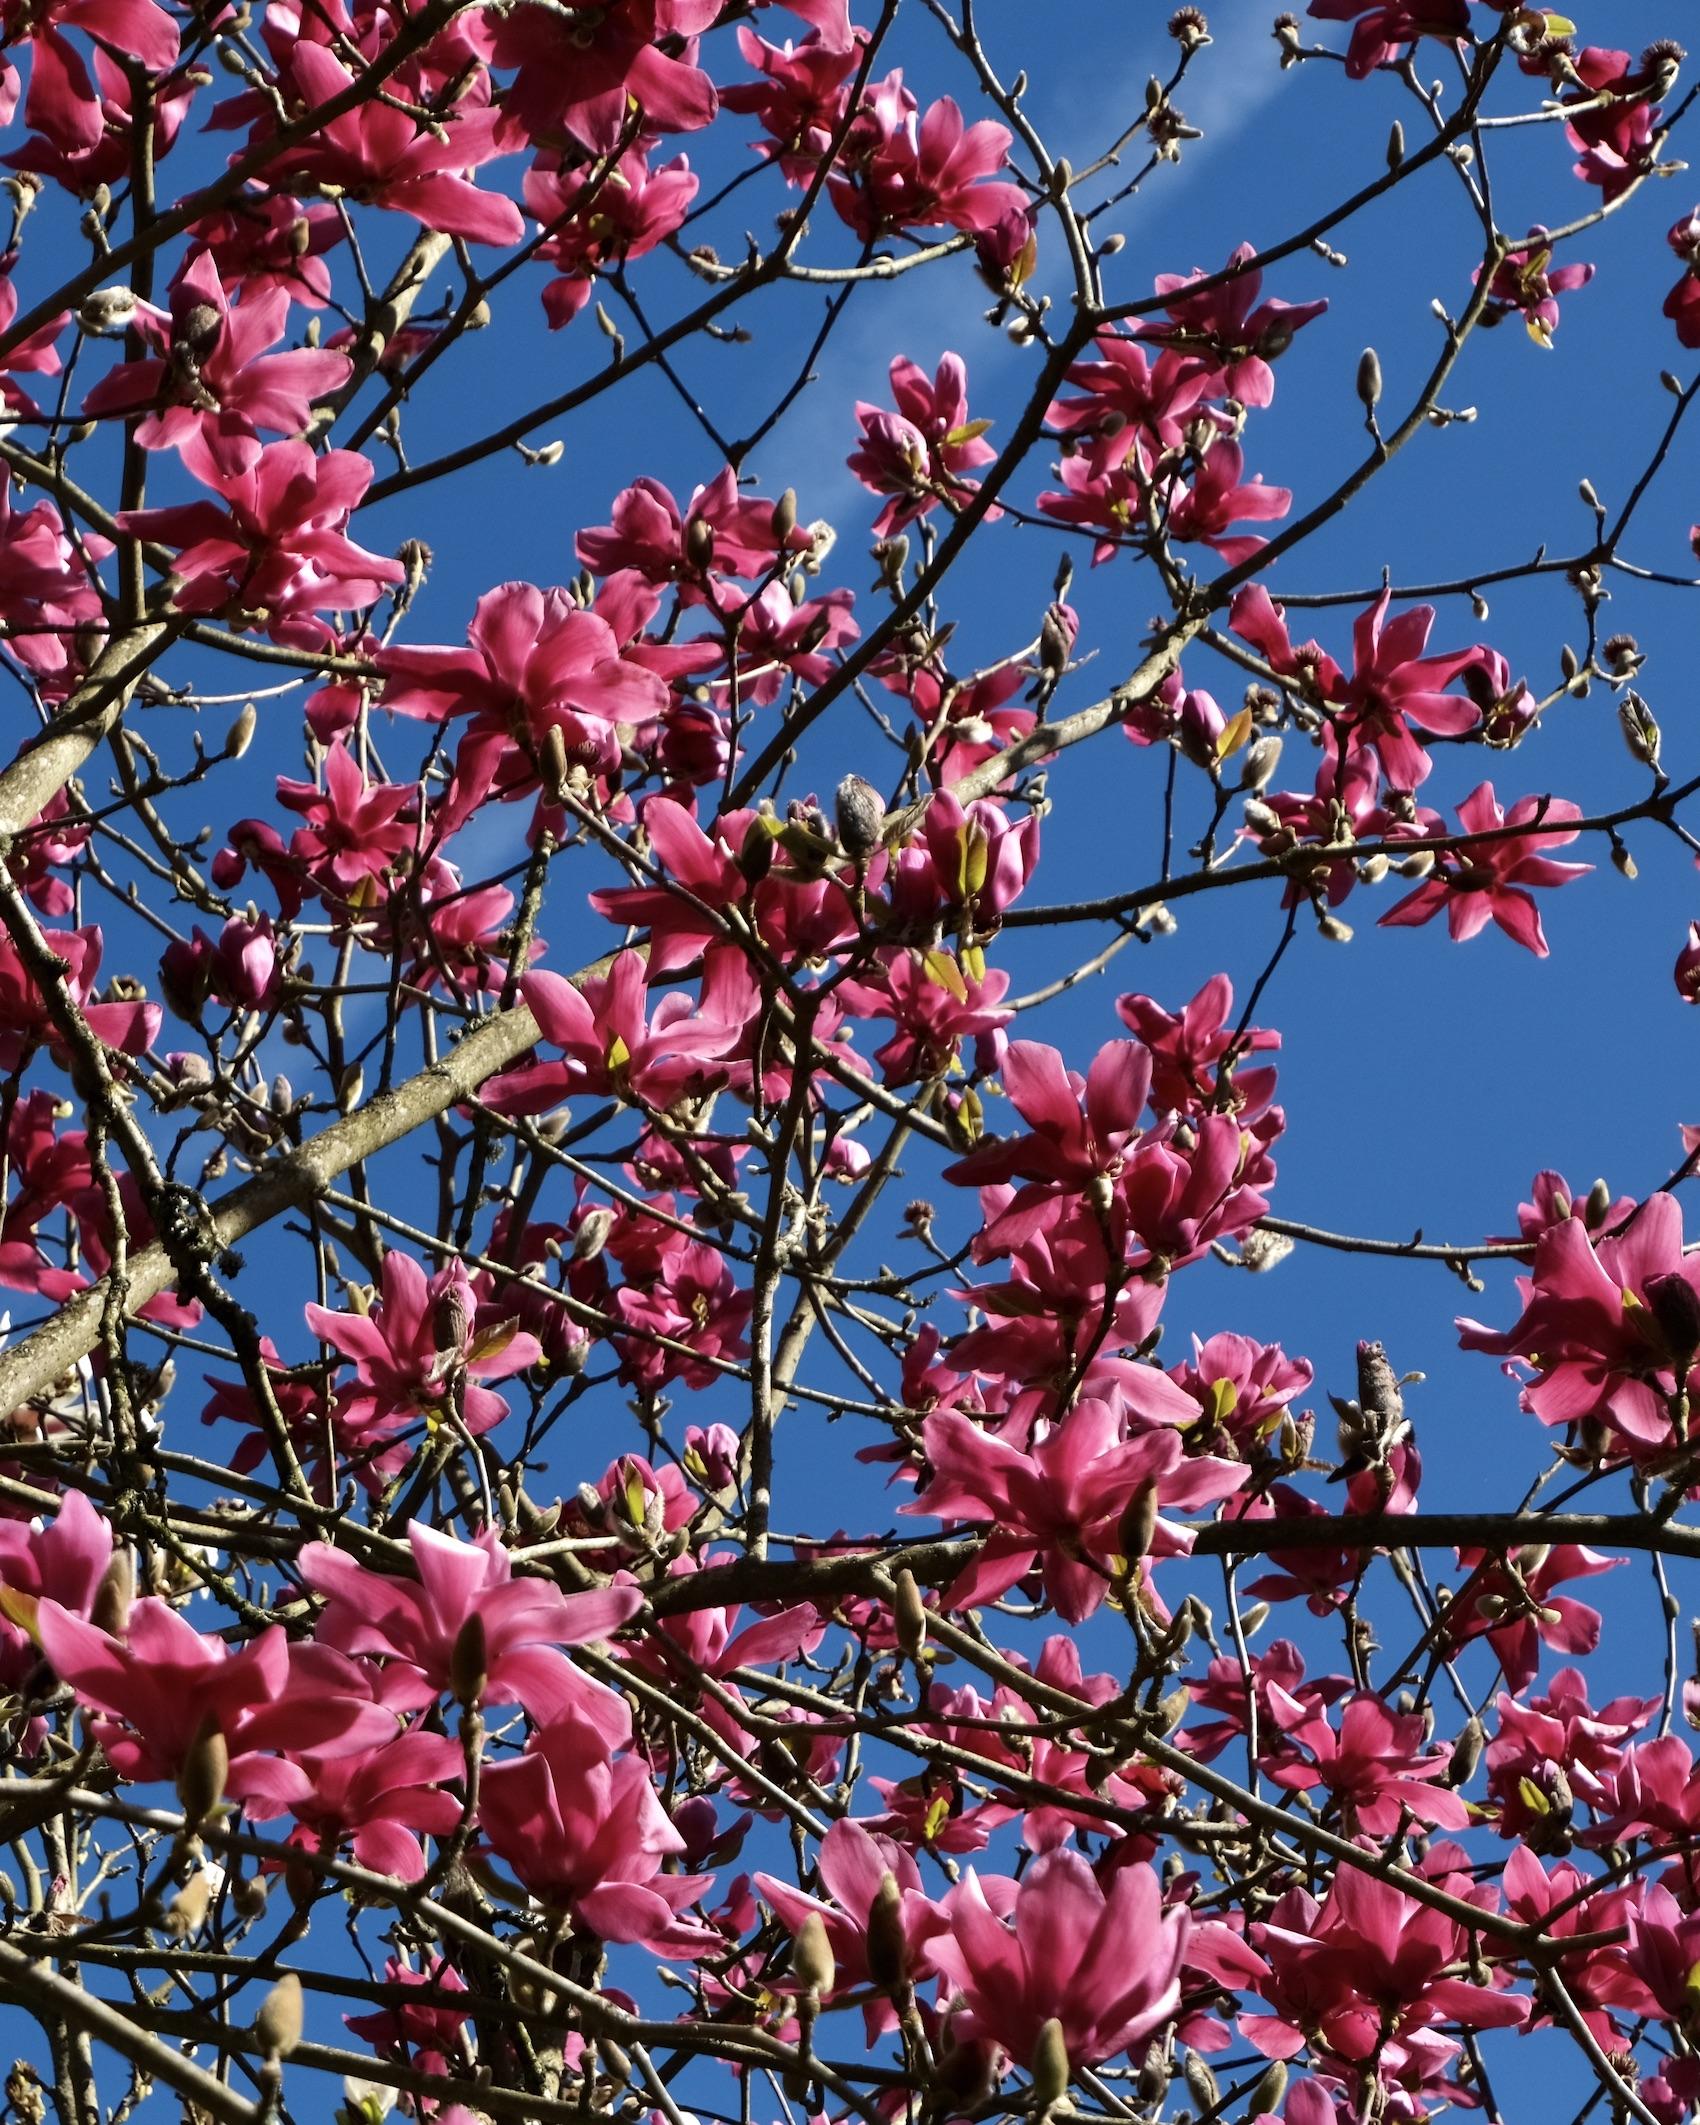 Magnolias in Carolles